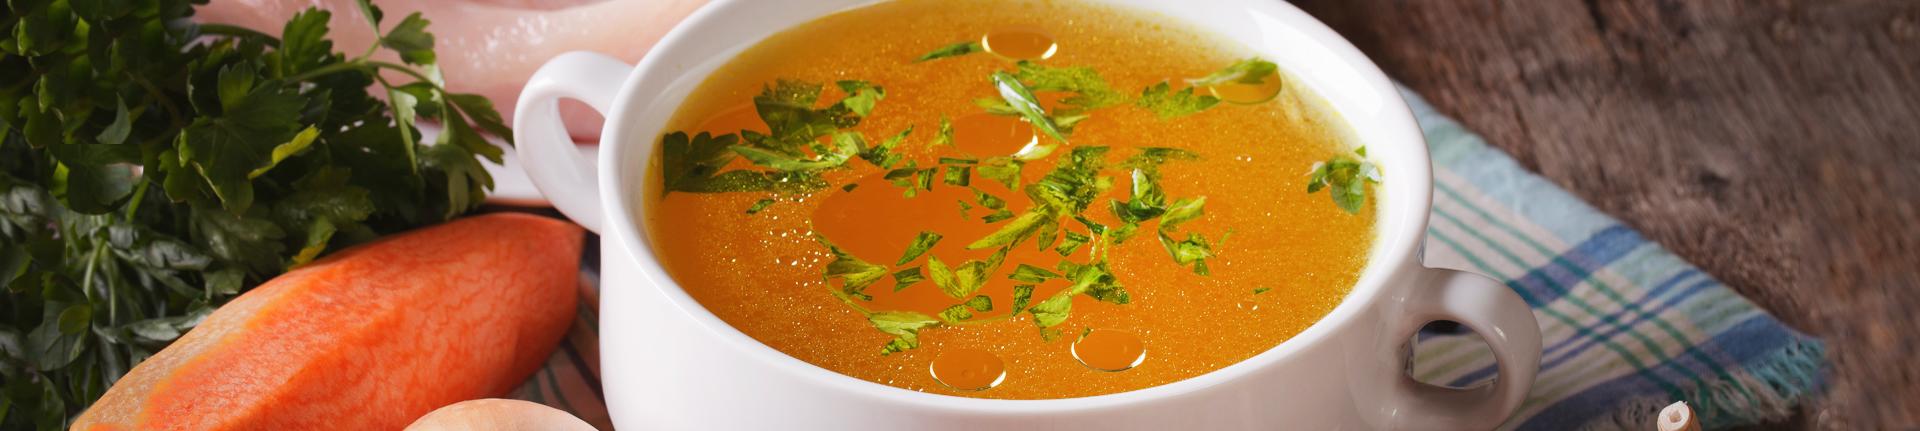 Caldo de legumes caseiro e do bem!